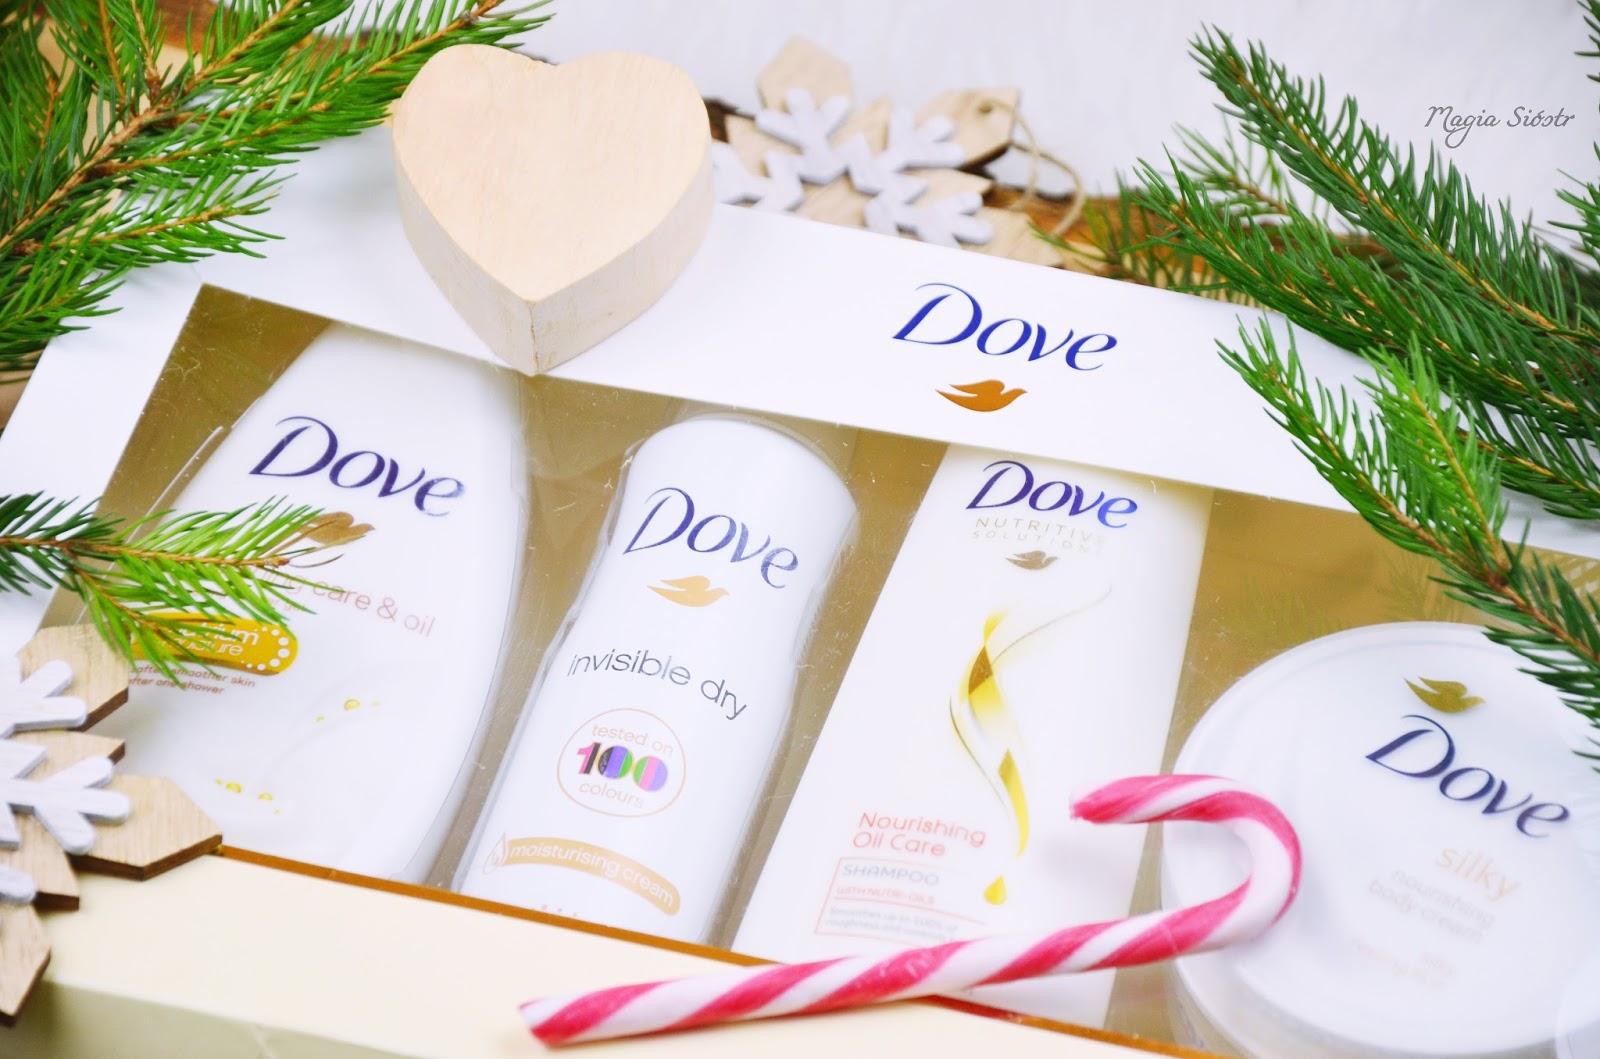 świąteczny zestaw kosmetyczny, dove, zestaw upominkowy dla niej, pomysł na prezent dla dziewczyny